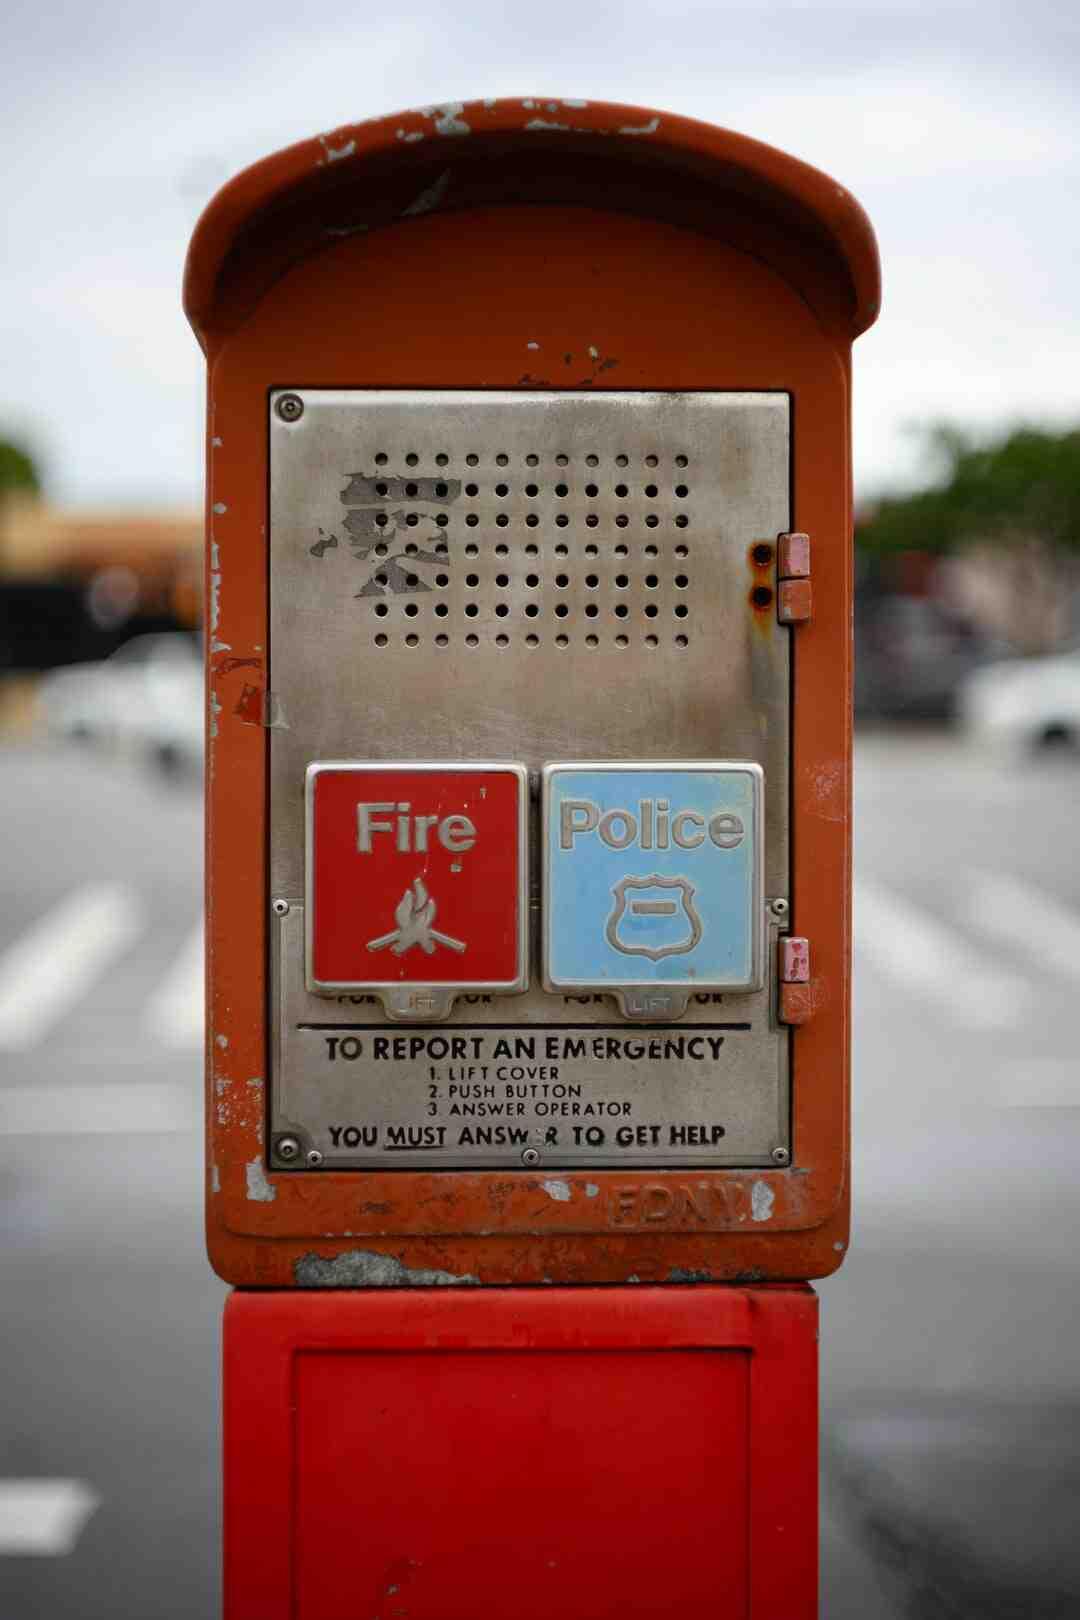 Pourquoi le détecteur de fumée clignote rouge ?